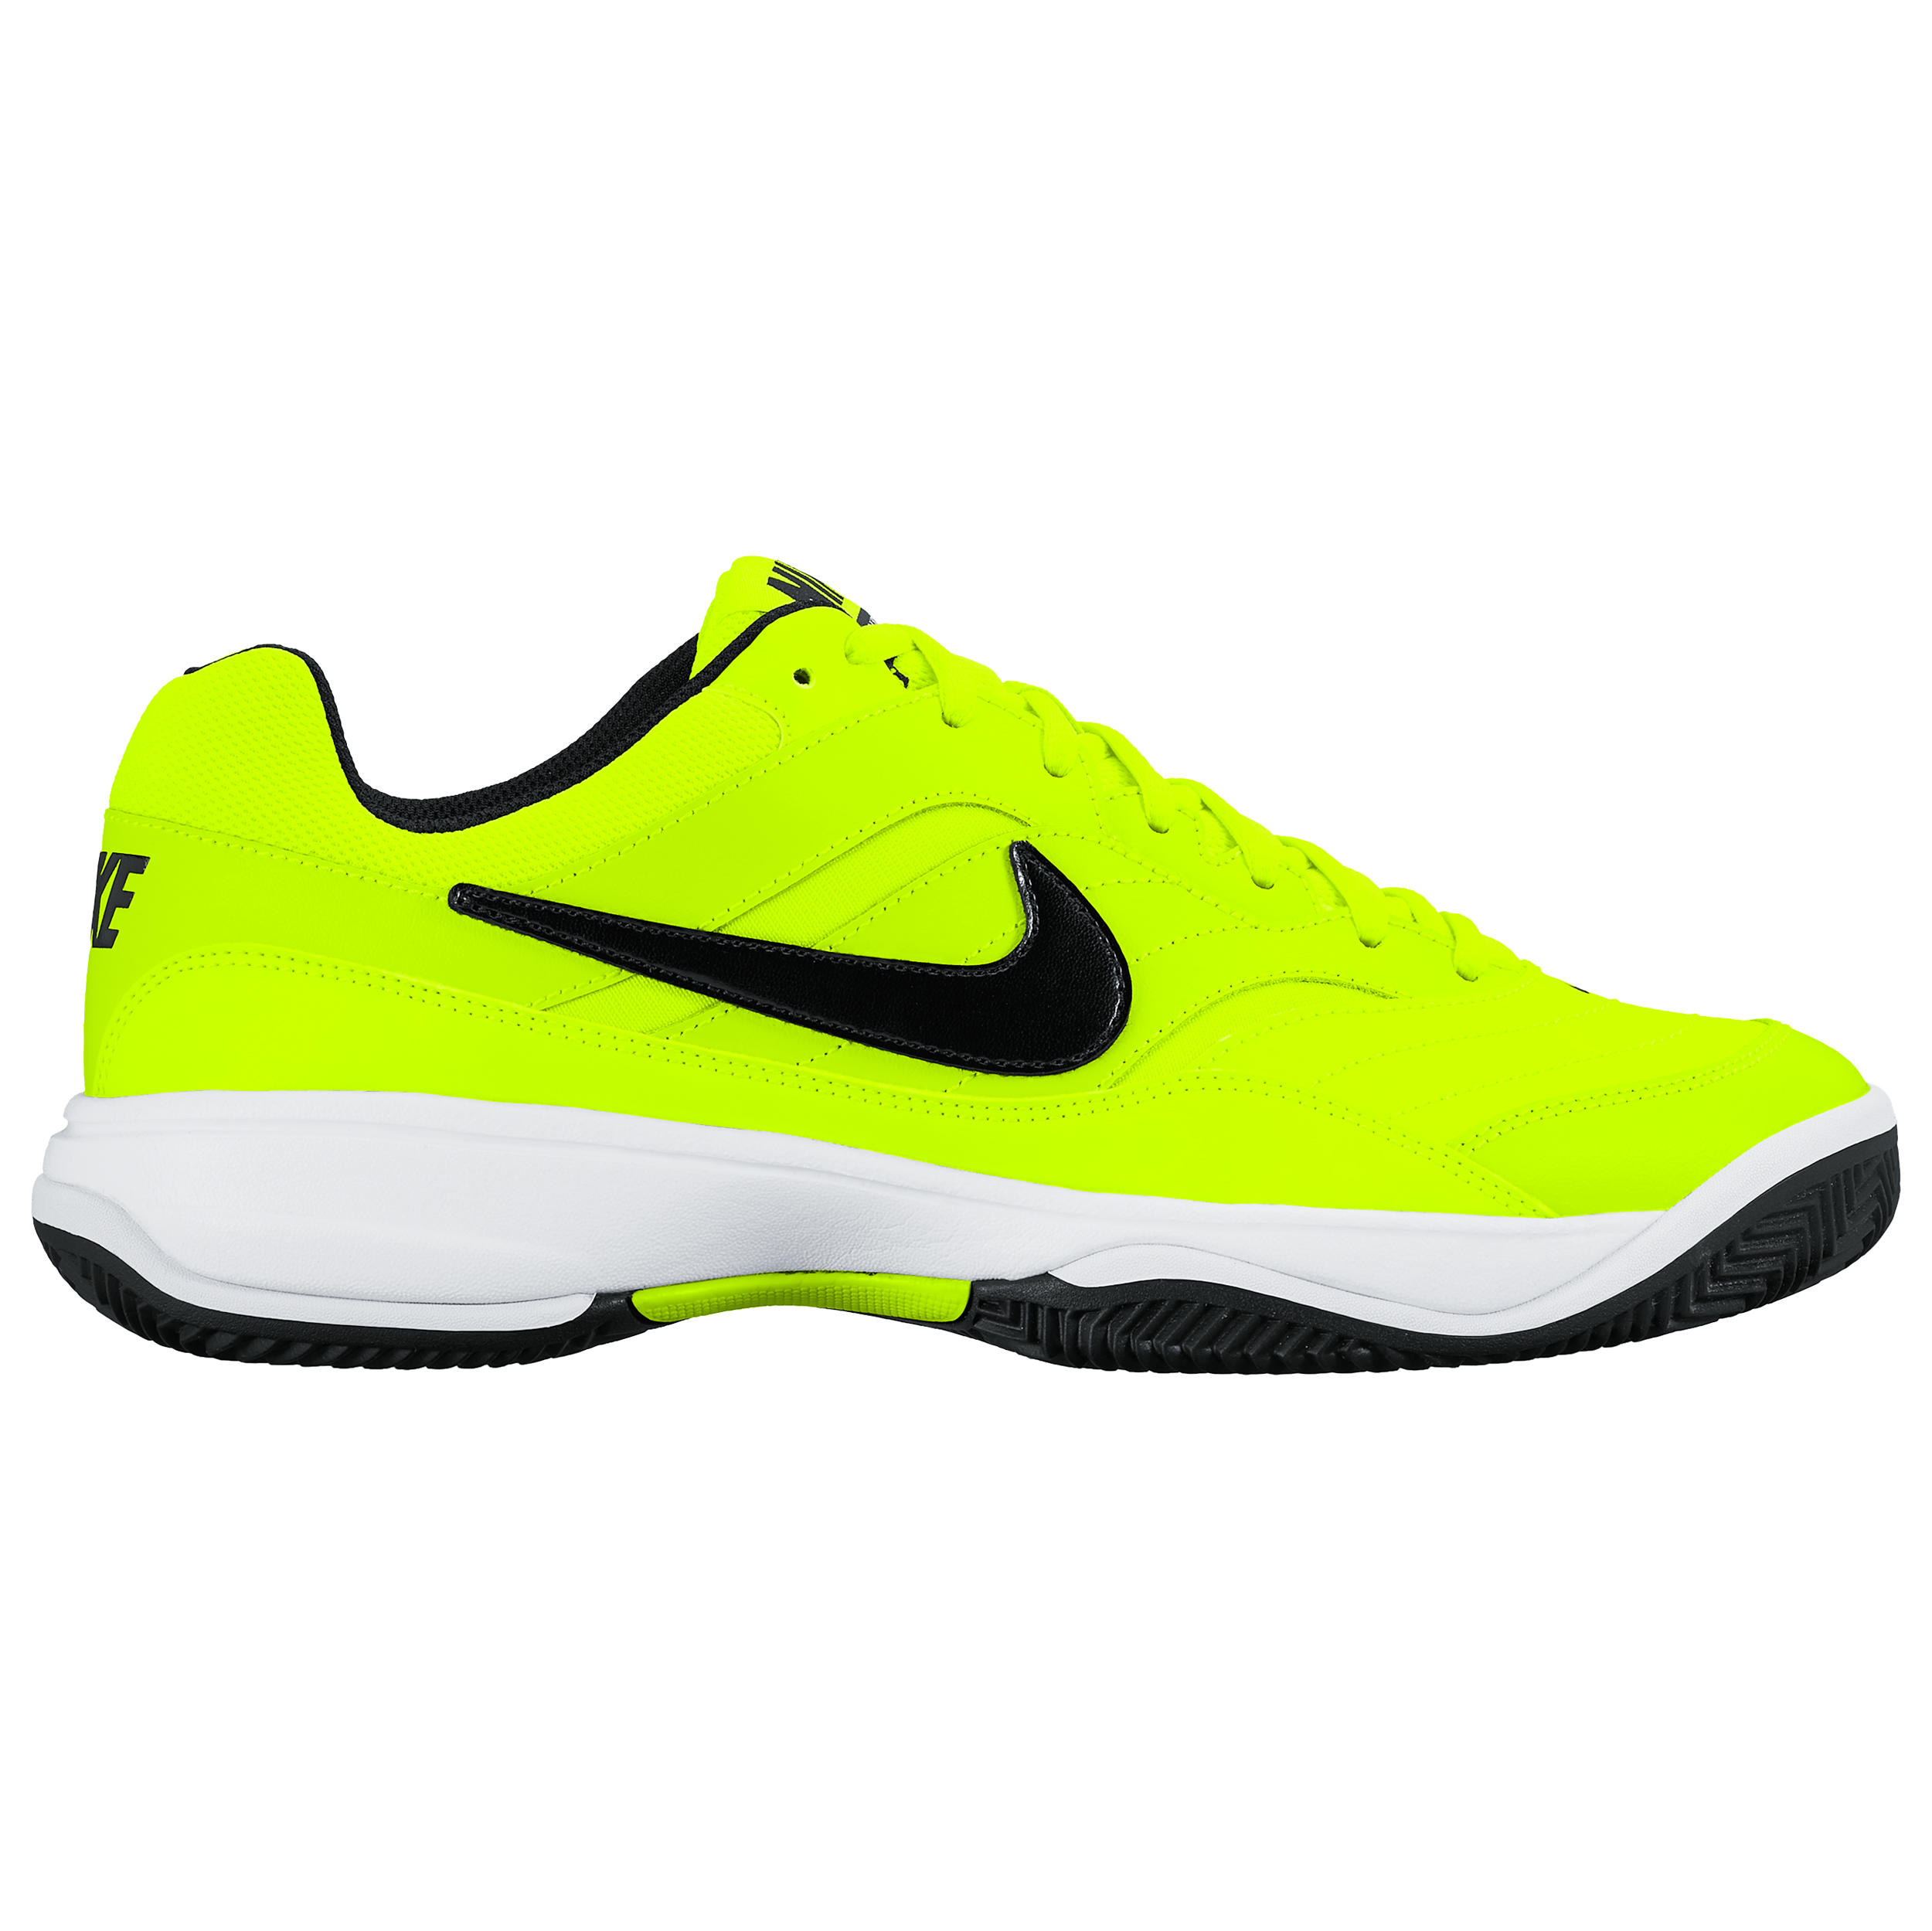 Nike Tennisschoenen voor heren Court Lite gravel geel